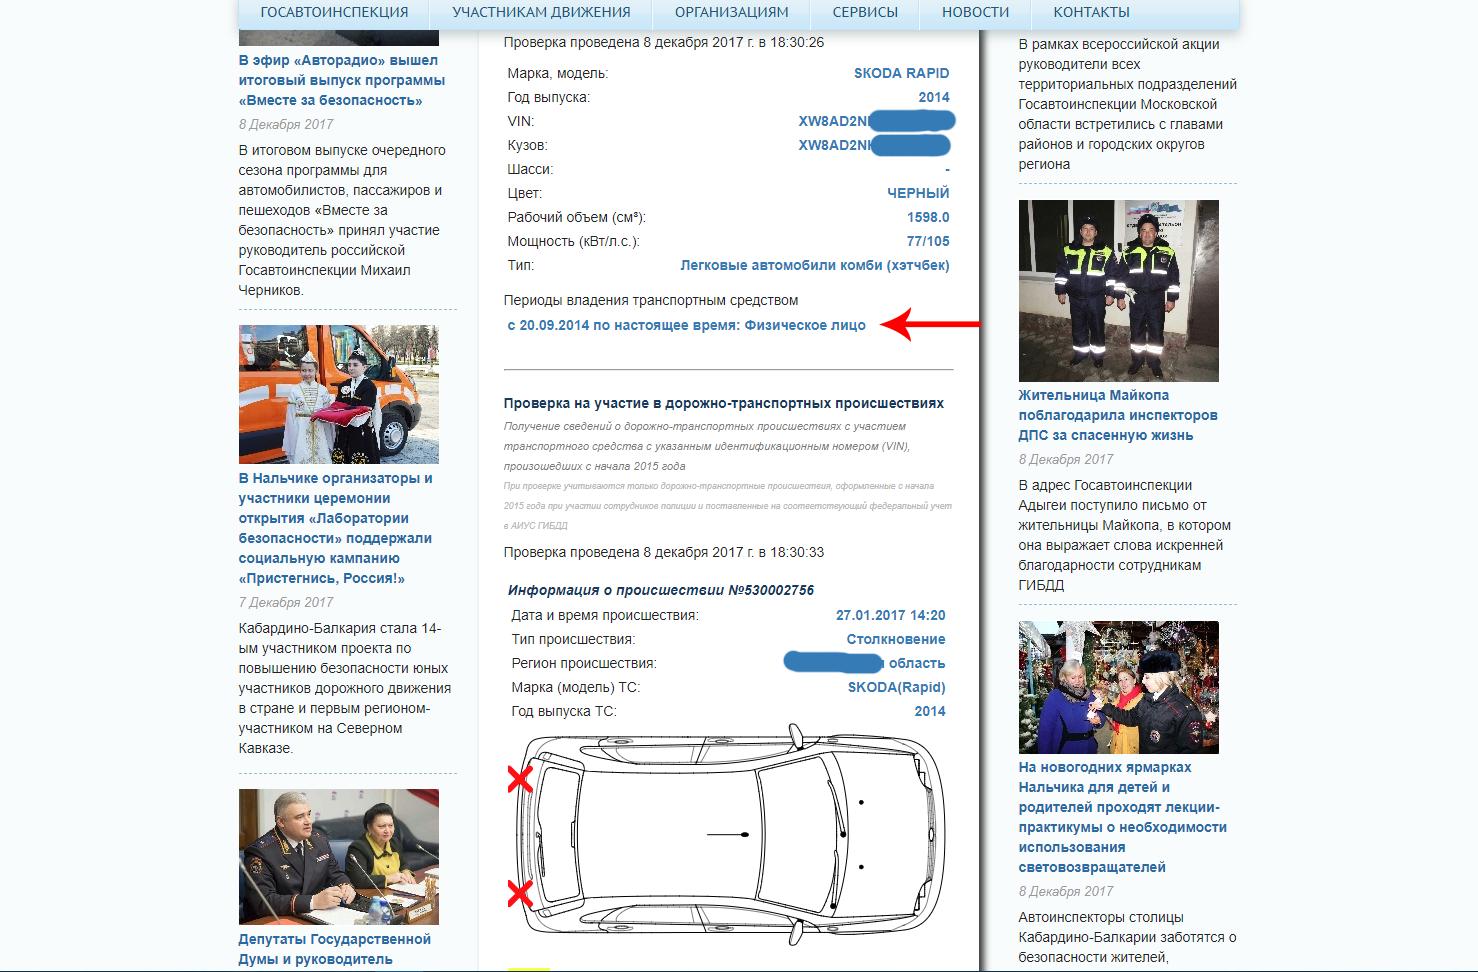 Как «пробить» автомобиль в Интернете: используем доступные базы данных и логику - 10